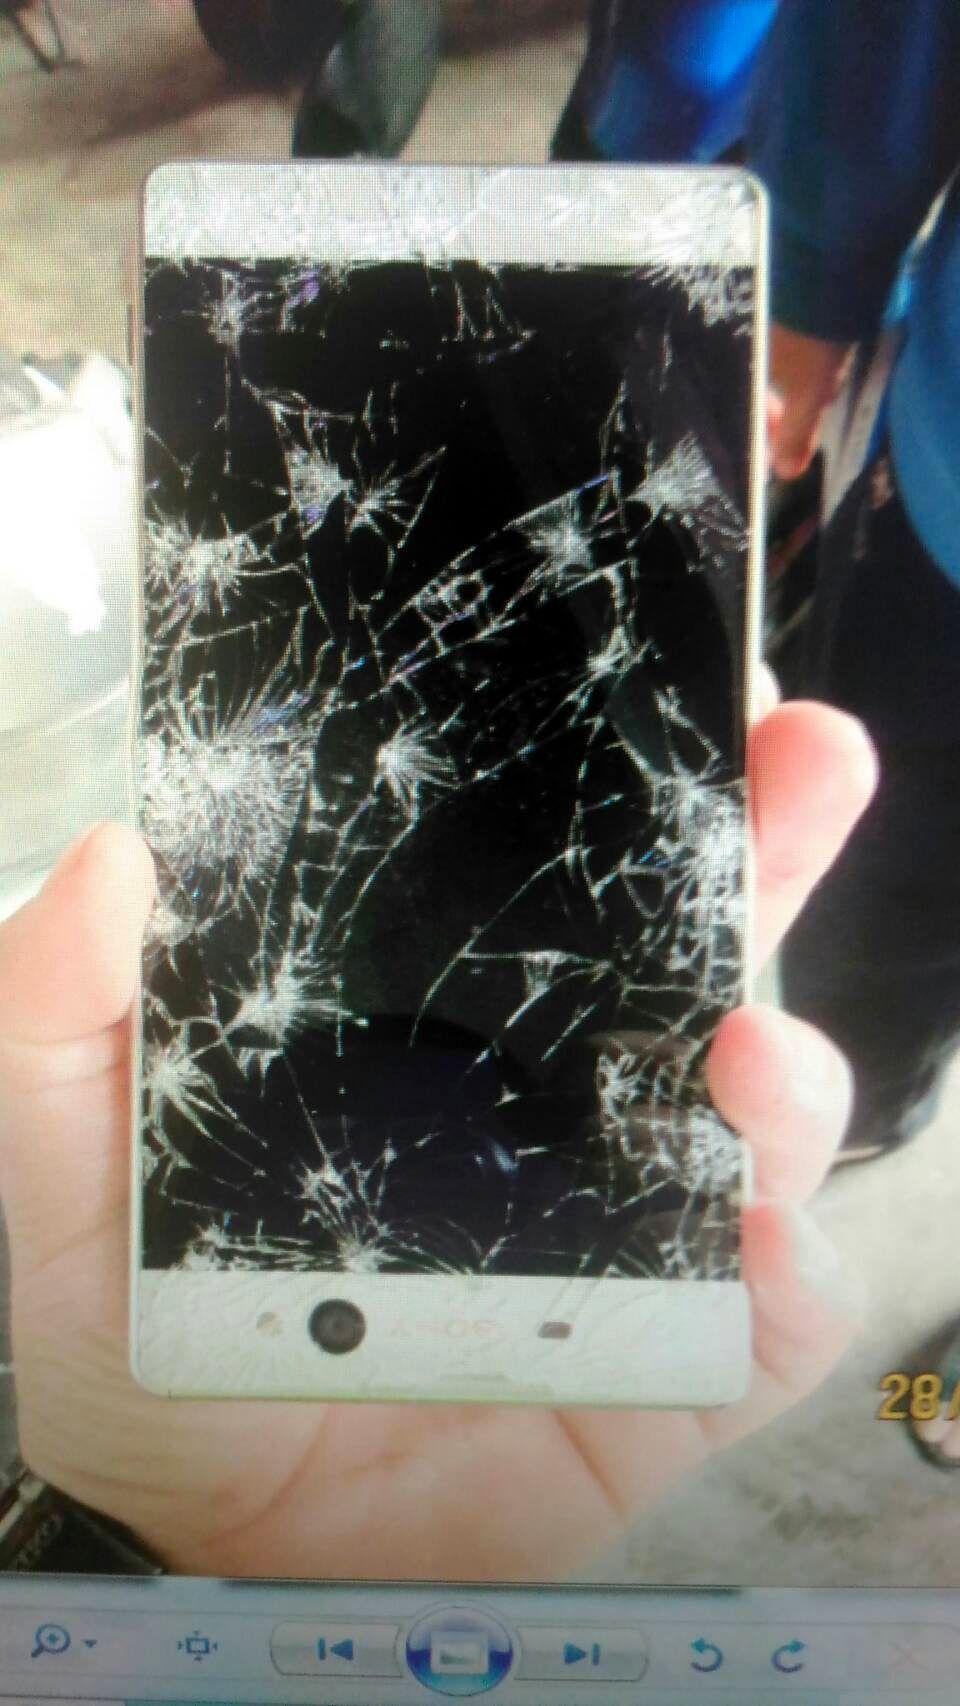 江姓婦人在路口見地上有手機被車壓成螢幕滿天星,心想應該沒人要就撿走未送交警方,因...